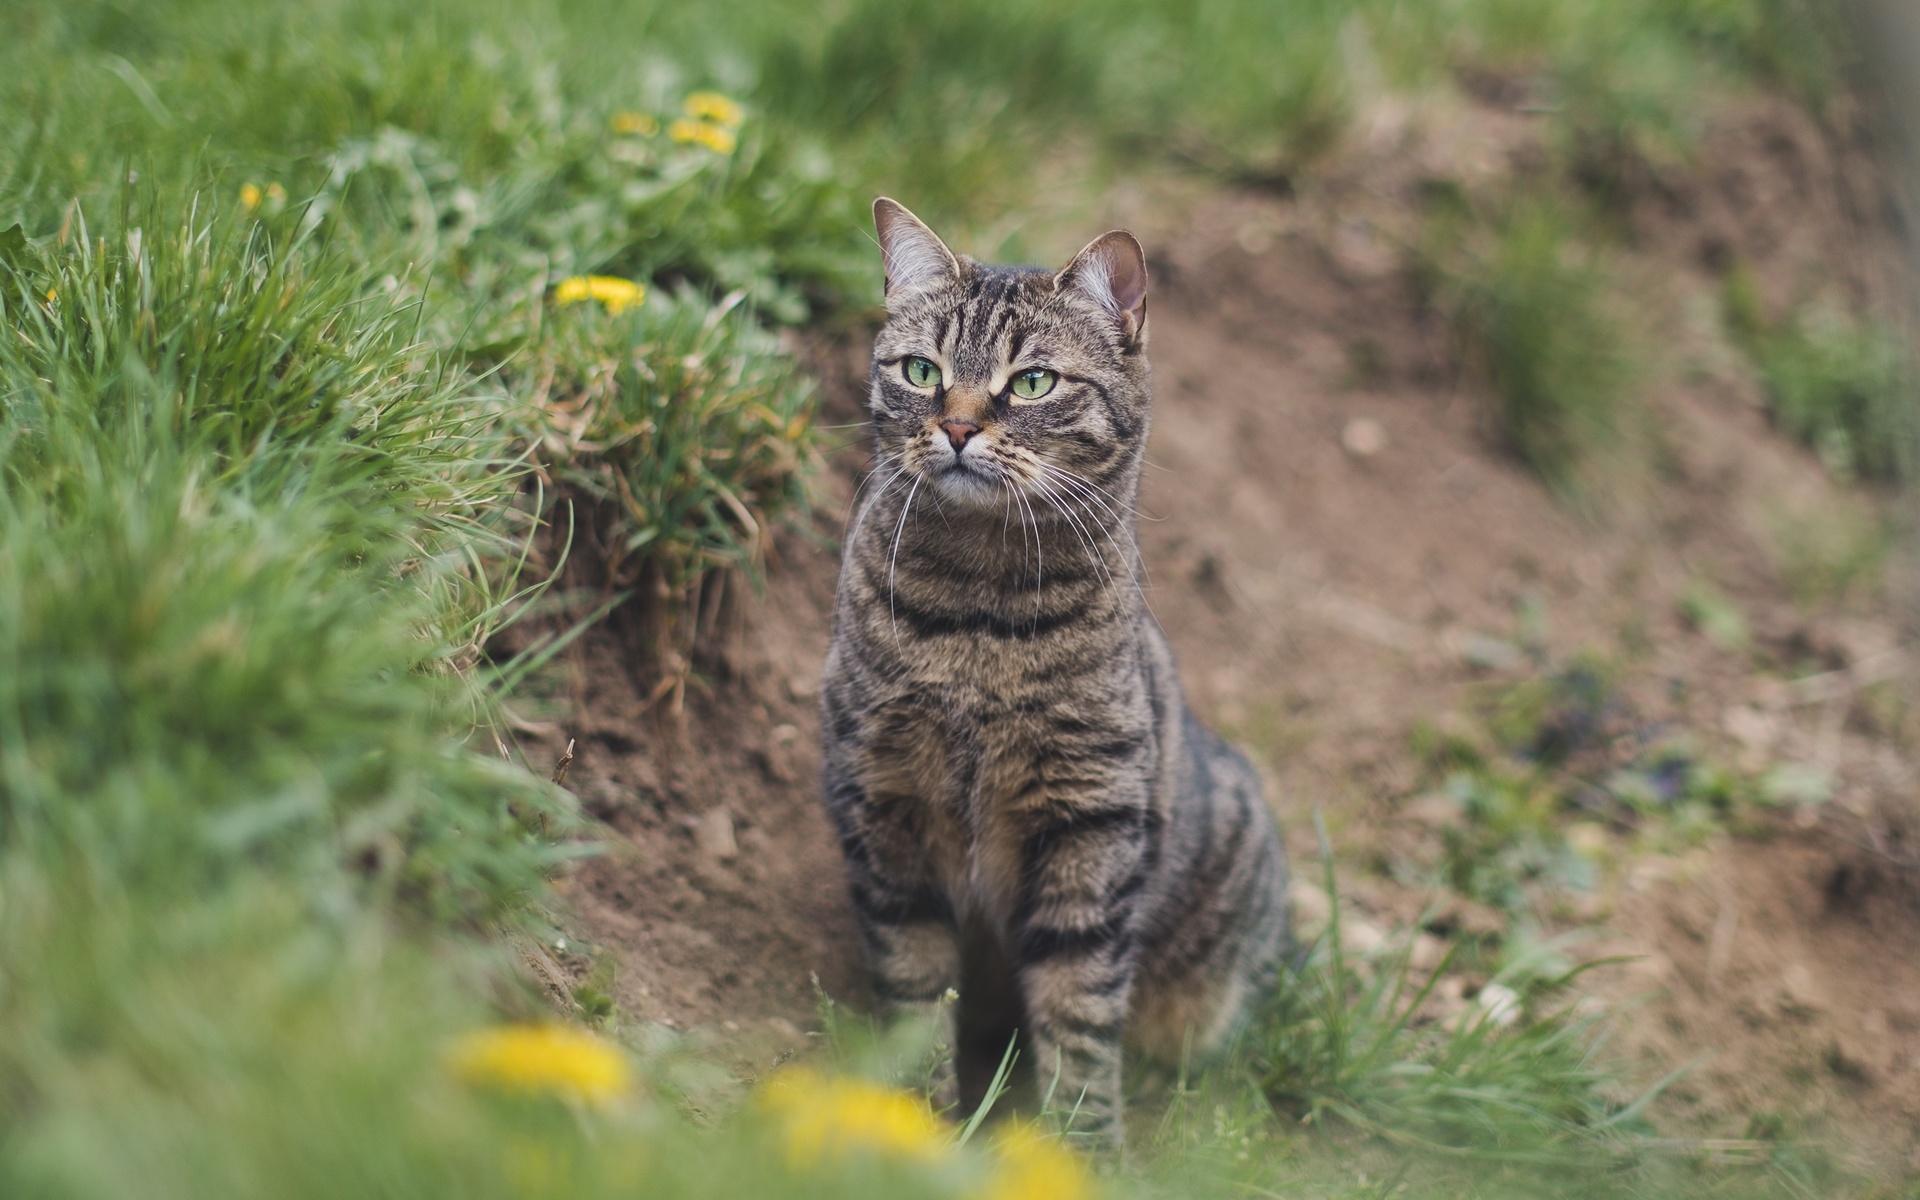 кошки, трава, взгляд, кошка,животное,домашний,питомец,растения,земля,на,природе,мордочка,полосатый,лапки,котик,смотрит,сидит